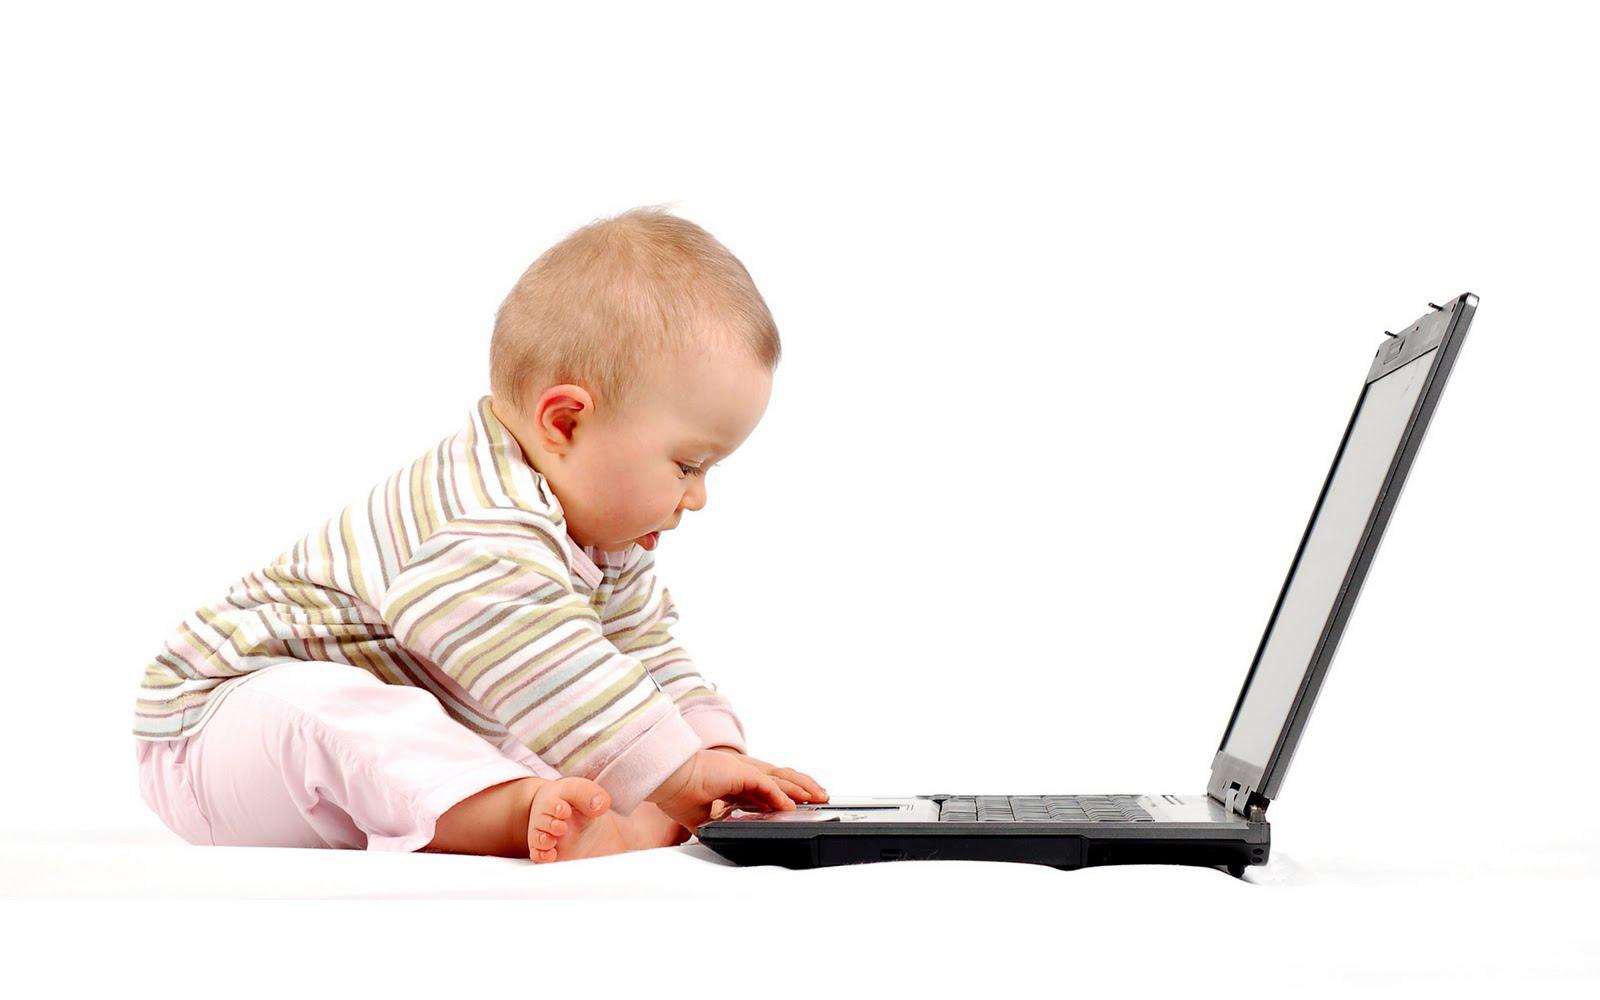 Hd wallpaper for laptop - Best Desktop Hd Wallpaper Cute Baby Wallpapers